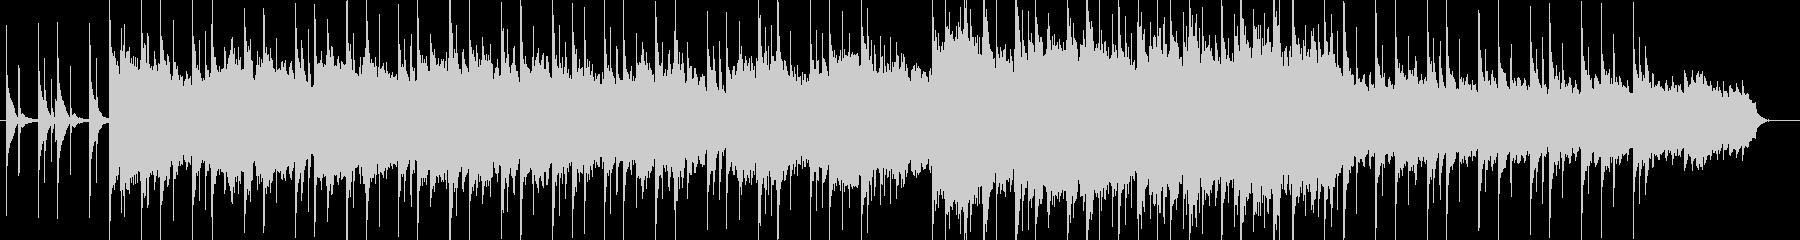 壮大な和風ピアノBGMの未再生の波形